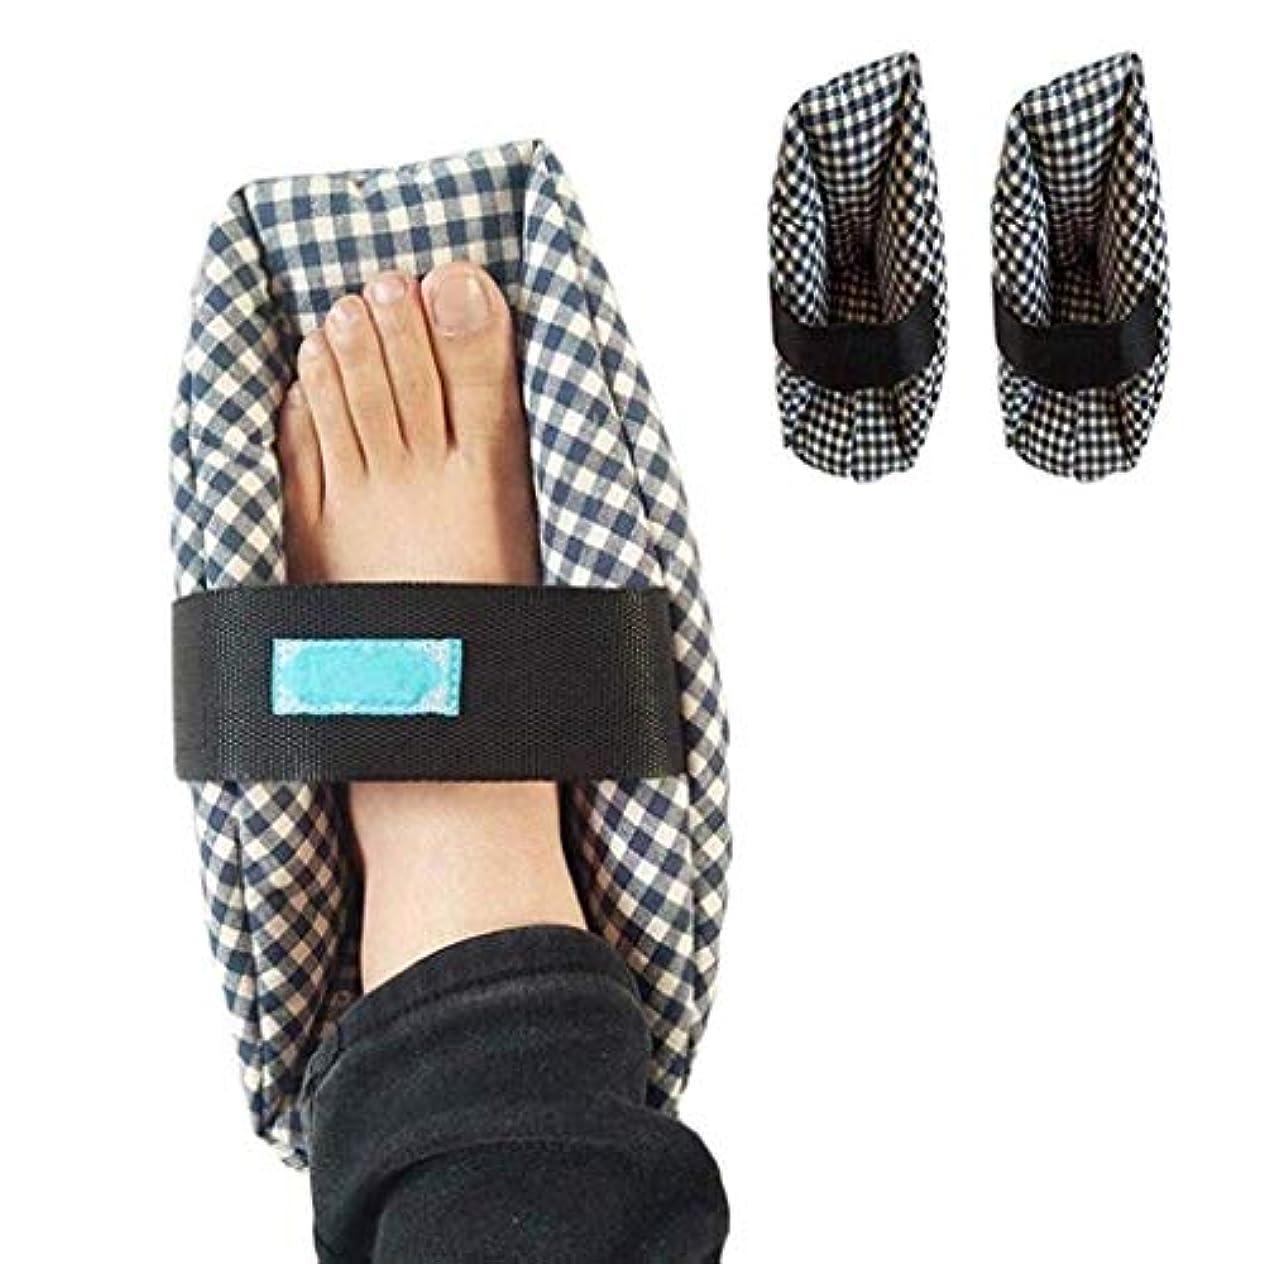 シリーズ不誠実人柔らかい快適なかかとプロテクター枕高齢者の足の補正カバーかかとパッドプロテクター反De瘡腫れ足寝たきり患者